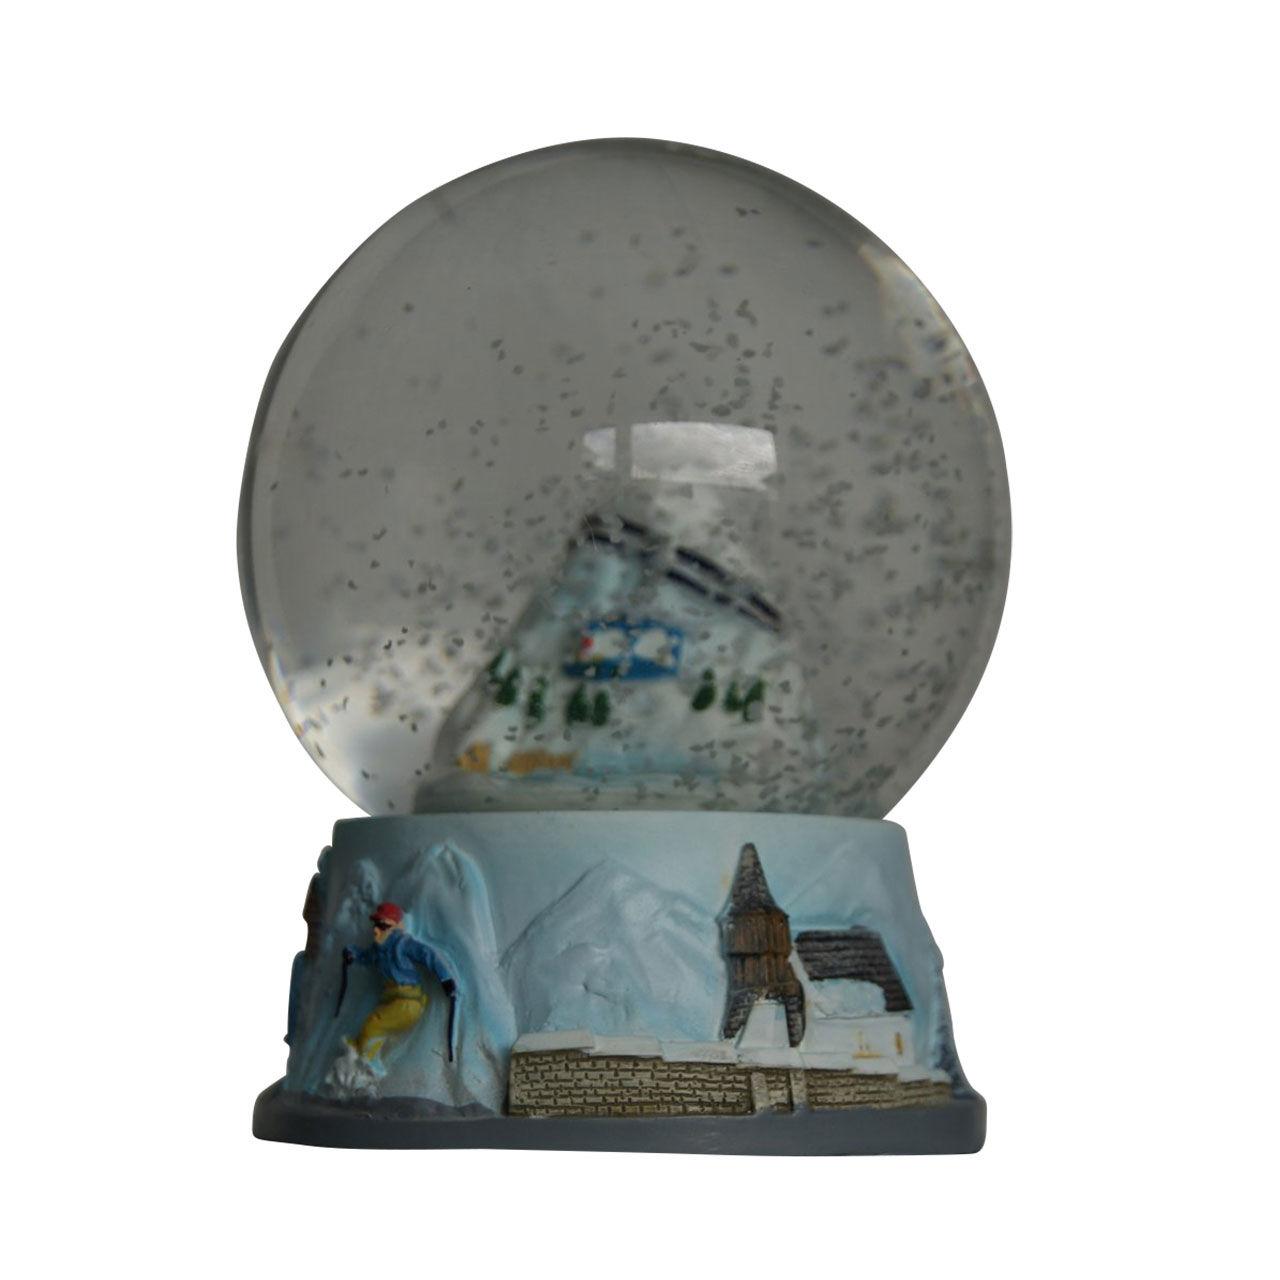 34dd7c956af7fb Souvenir online einkaufen bei Arosa Händler - arosa.shop